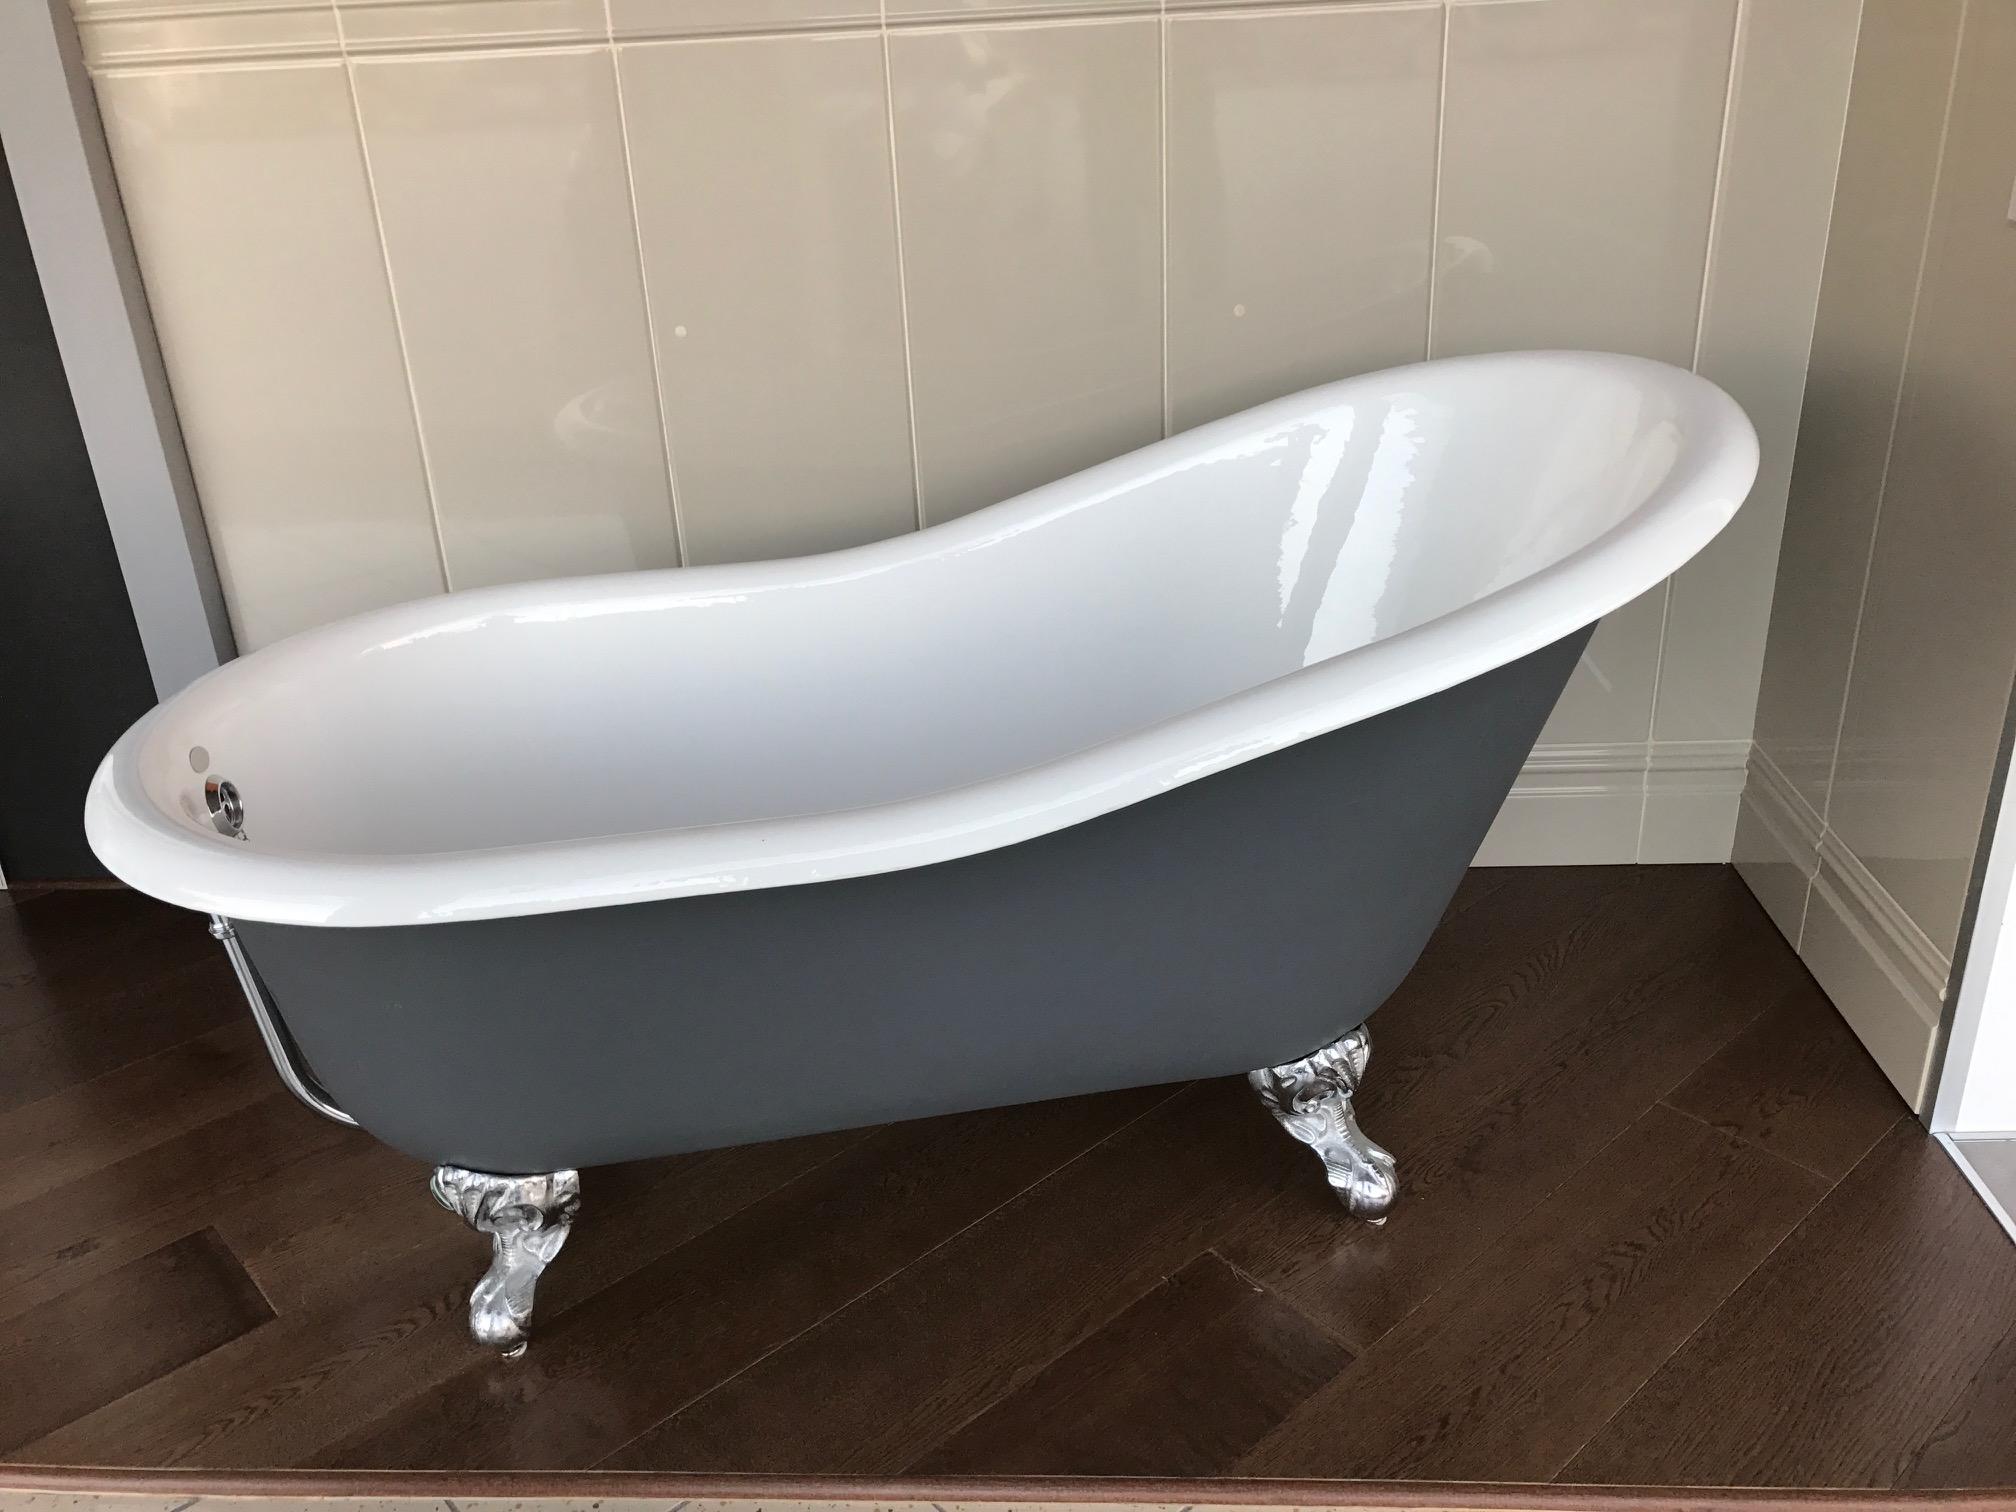 Riparazione vasca da bagno 28 images riparazione di - Riparazione vasca da bagno ...